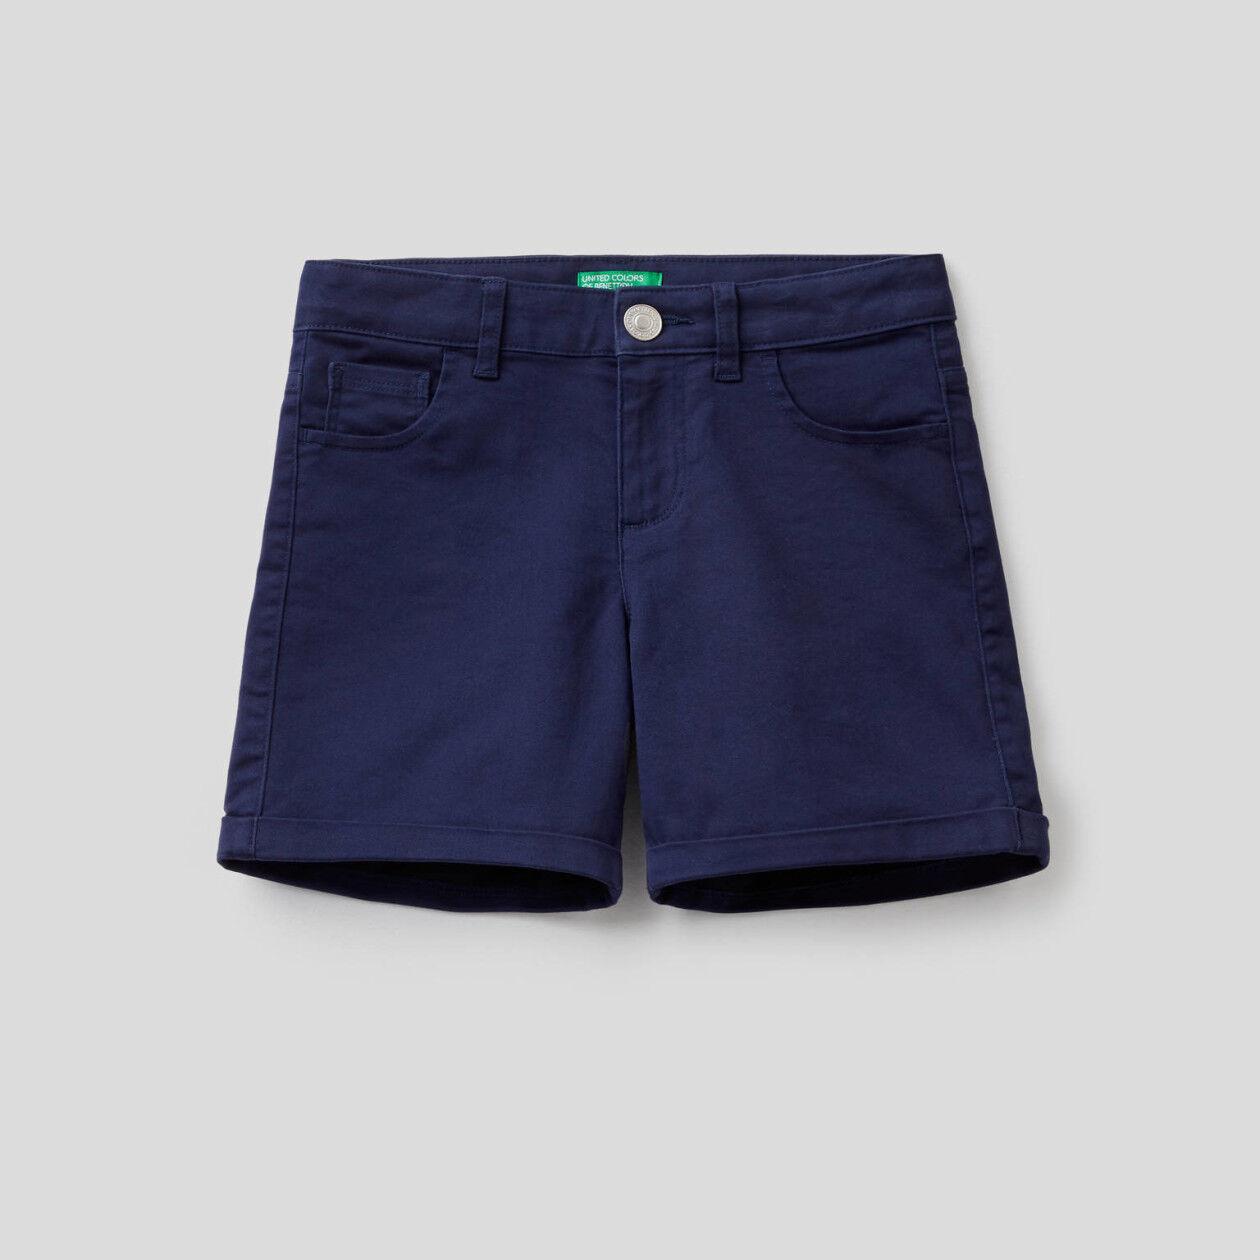 Five pocket solid color pockets